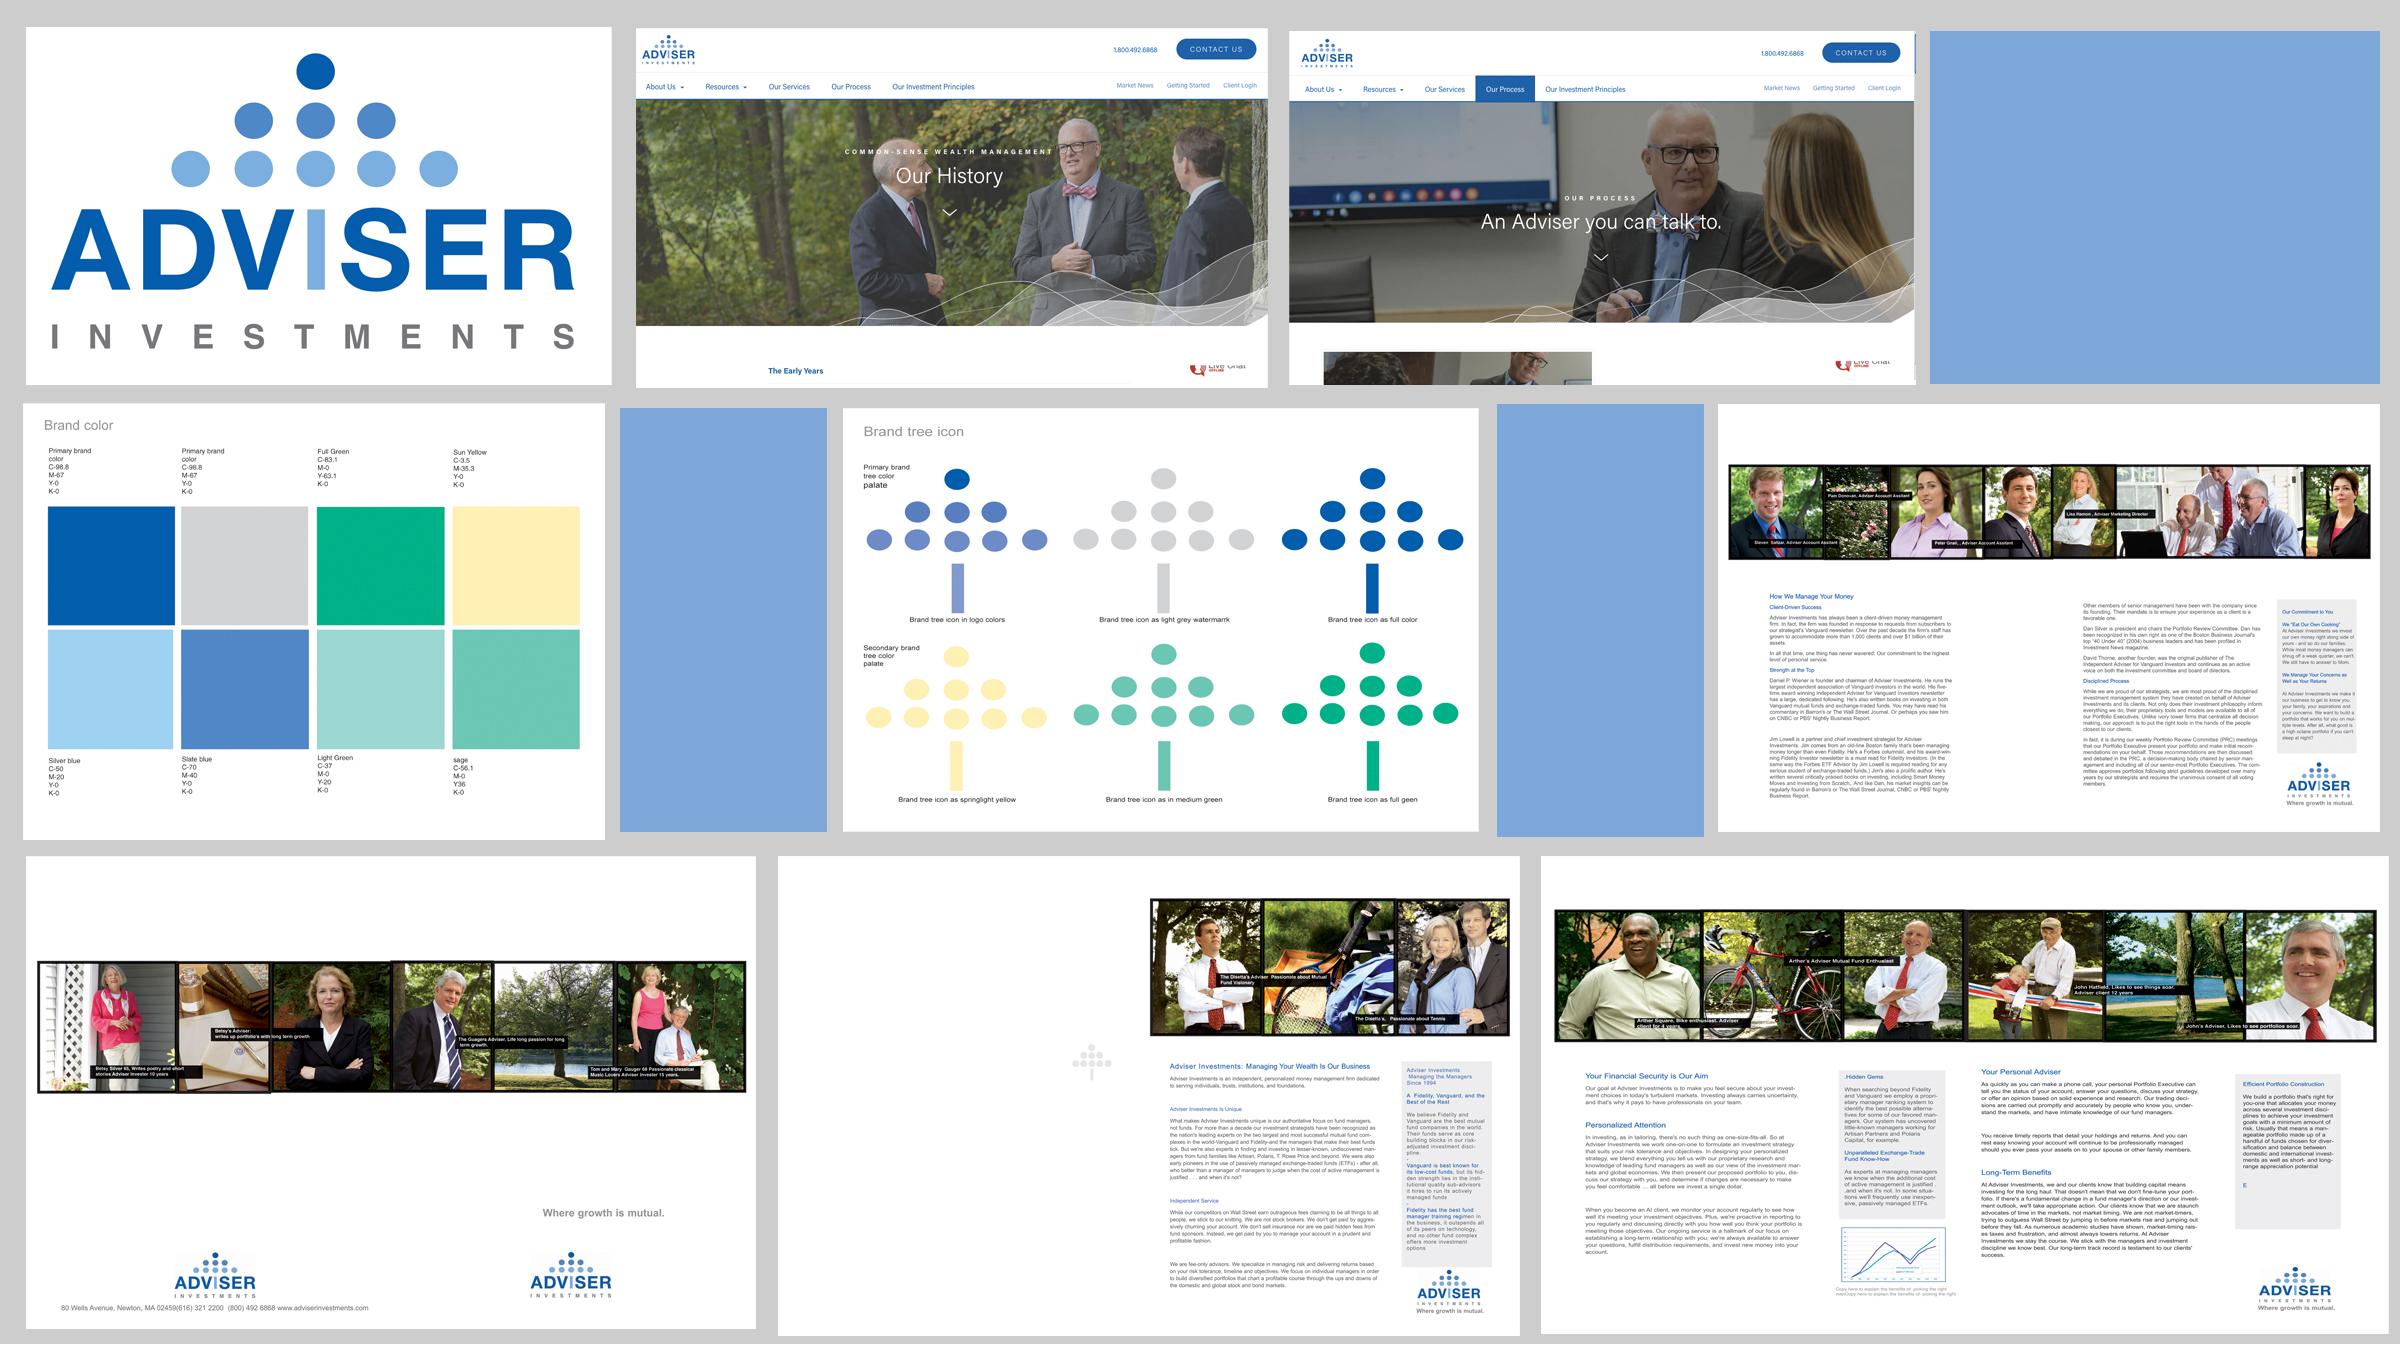 Adviser brand slide.jpg